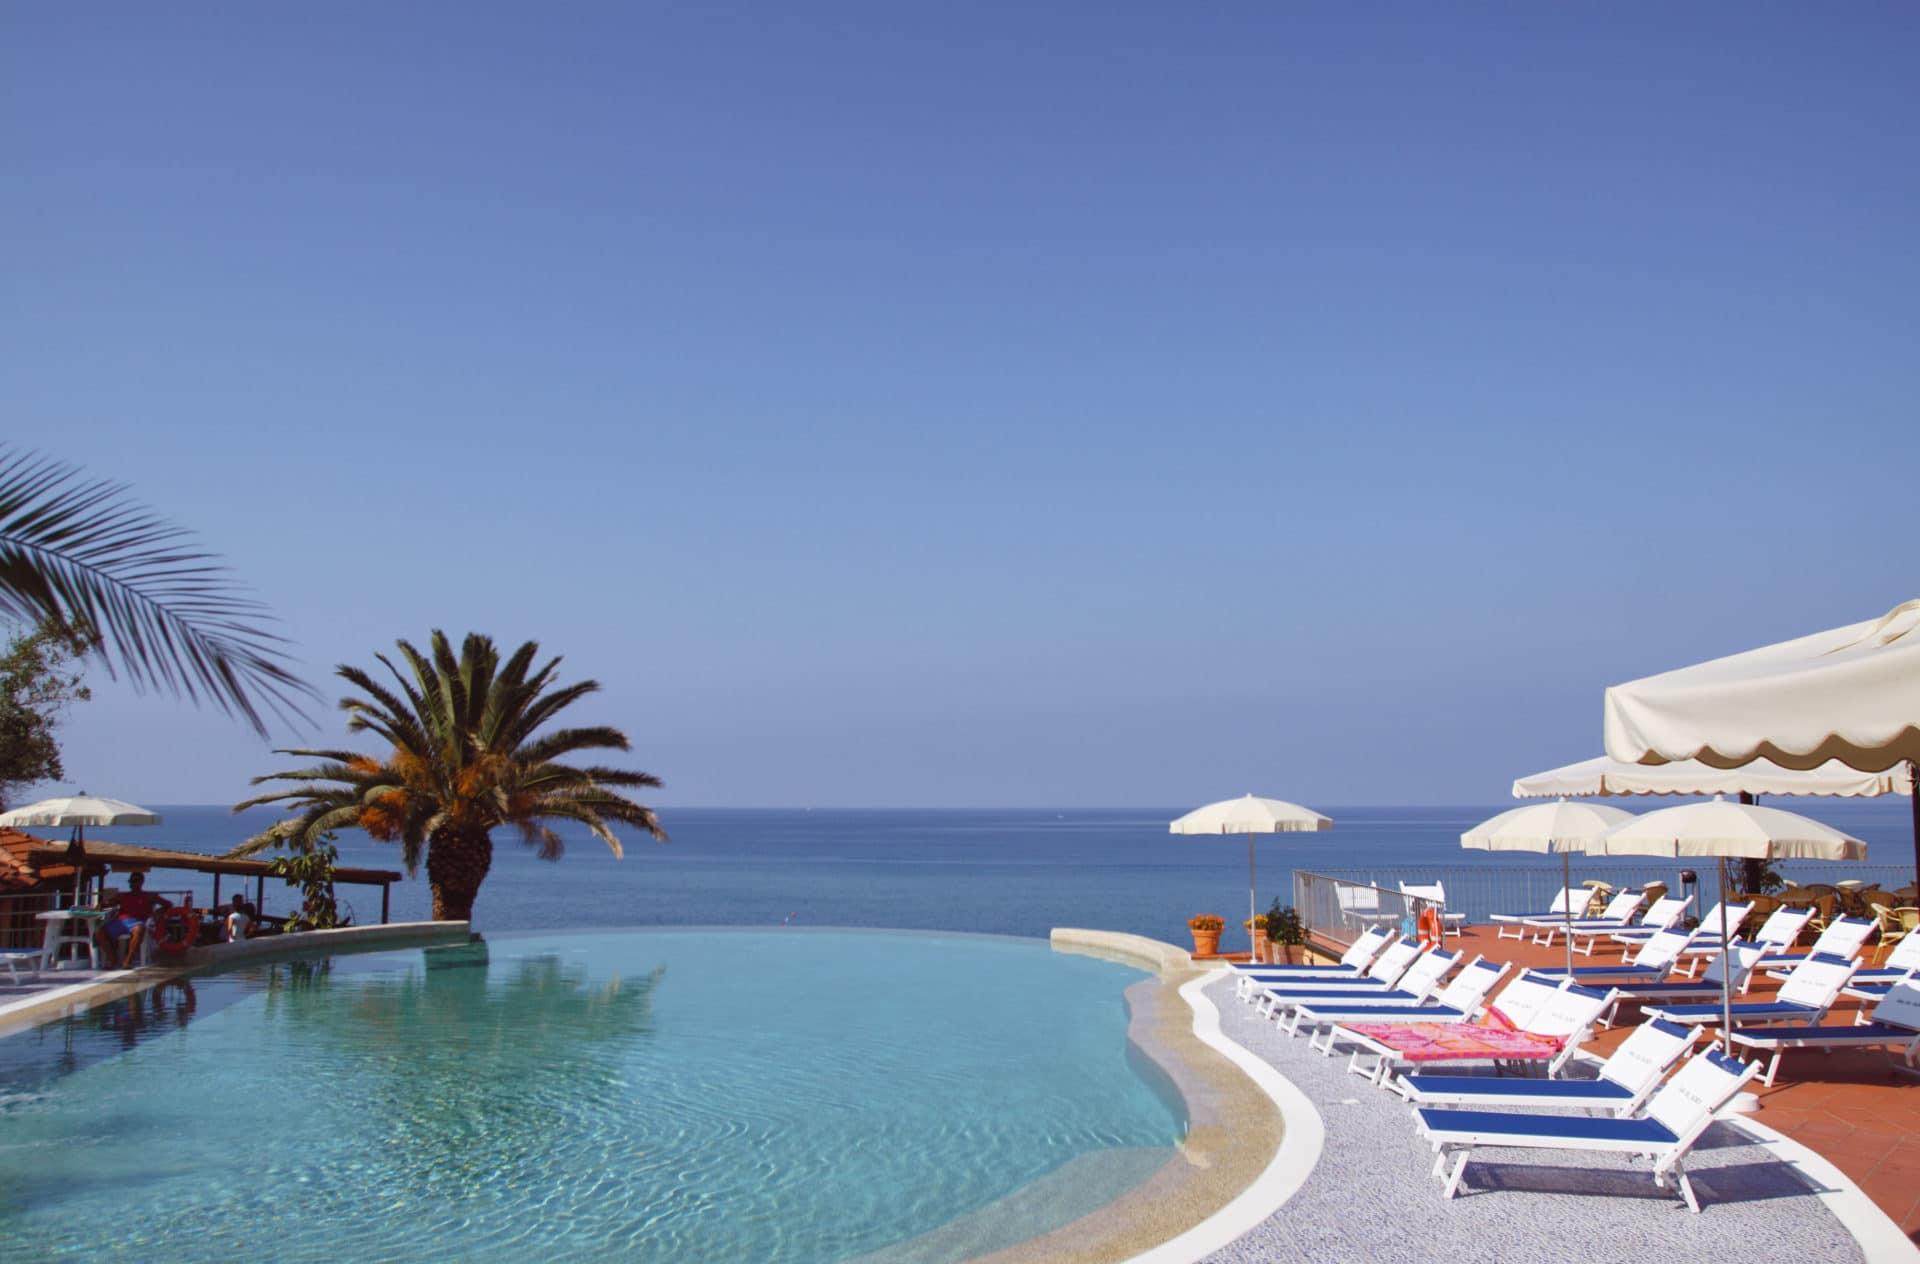 villaggi sul mare nel Cilento, Resort Baia del silenzio, piscina